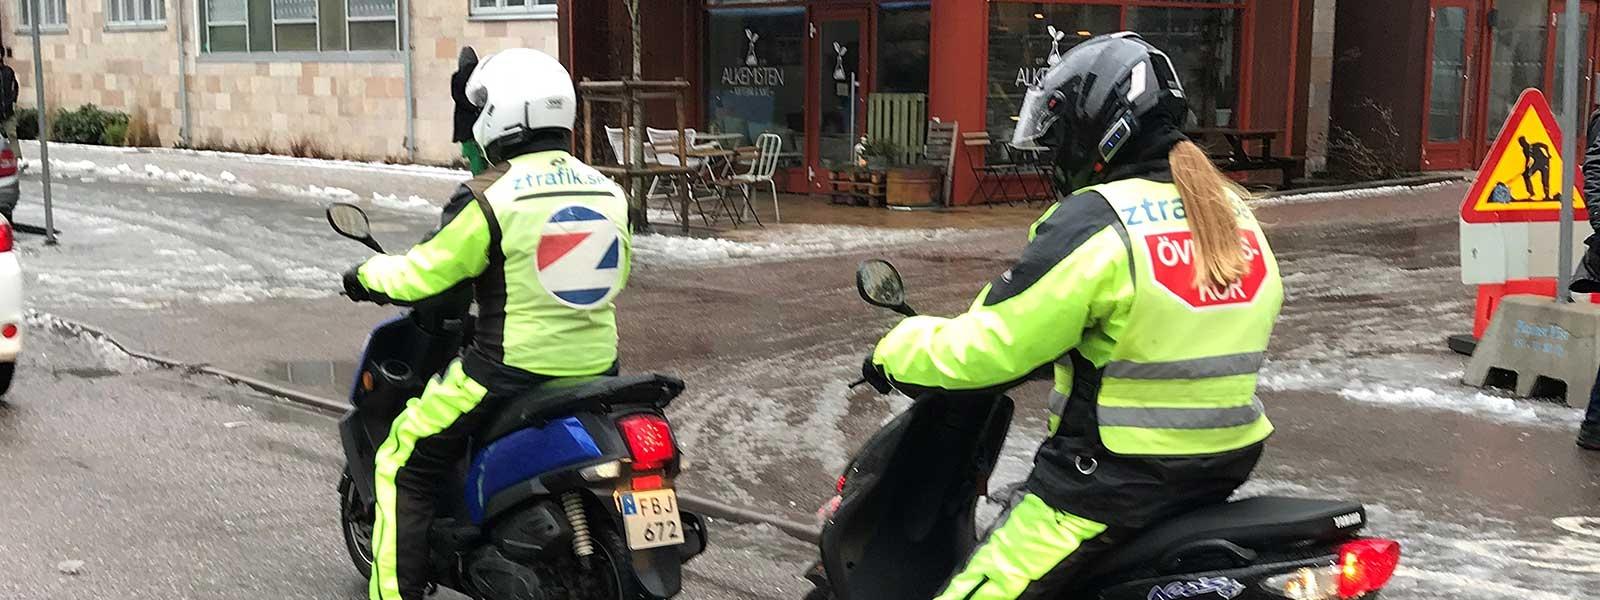 Kurser och paket för moped